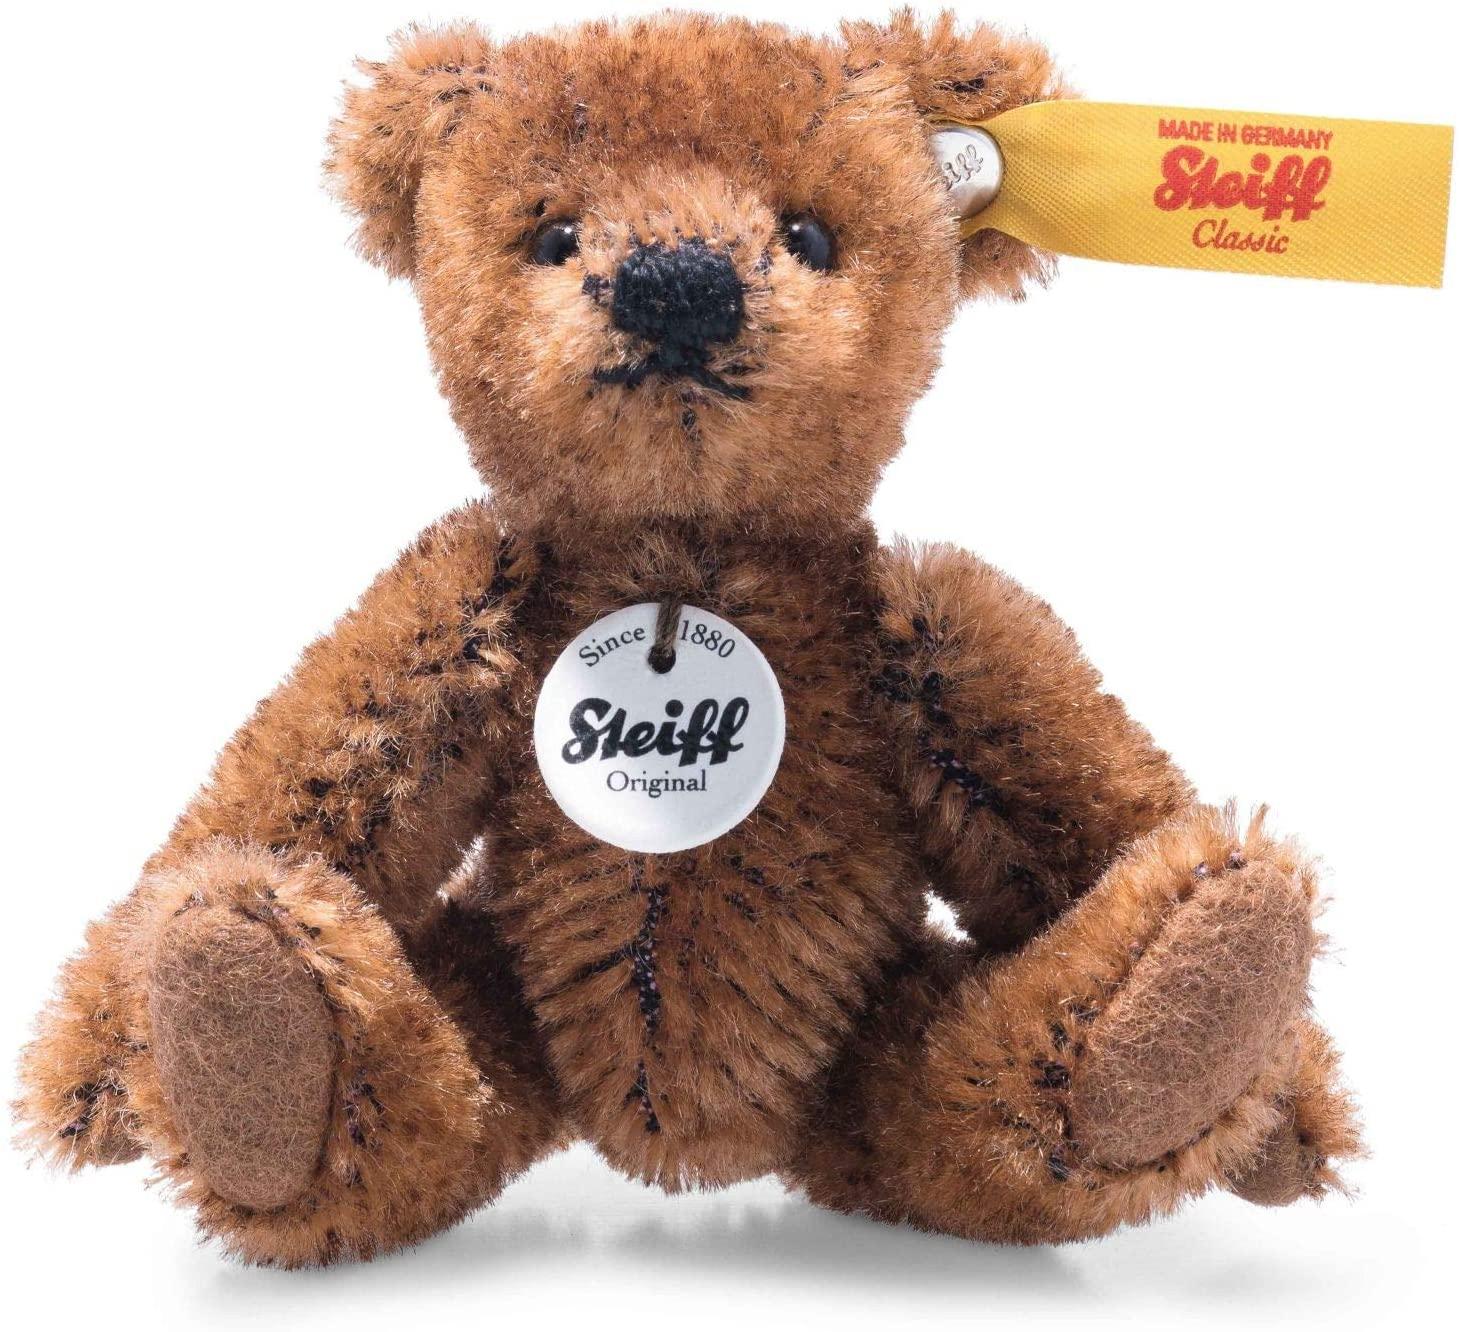 028151 Mini Teddybär 9 braun Sammlerartikel kein Spielzeug abwaschbar braun (028151)